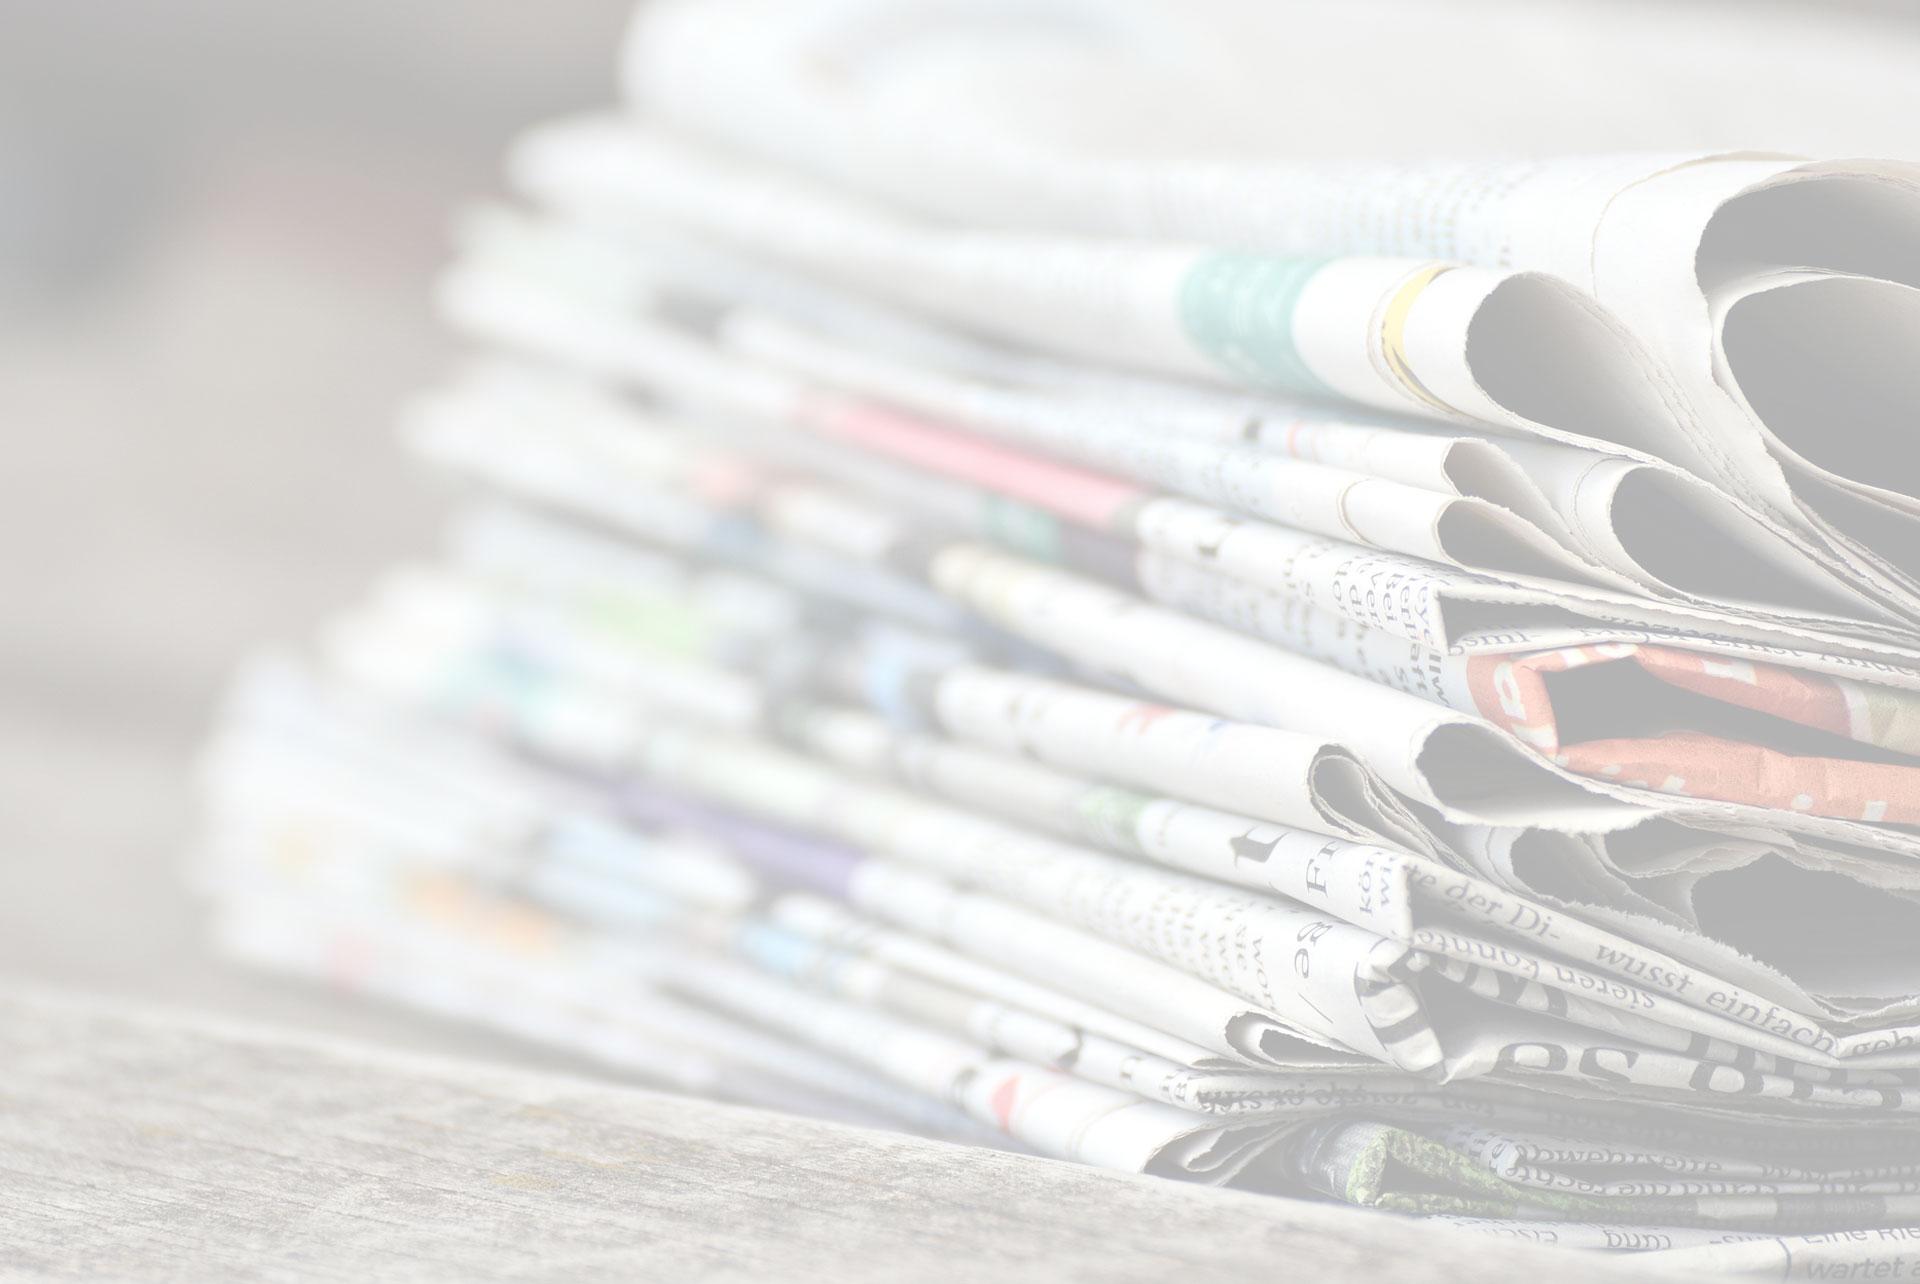 Elezioni Usa 2000: George W. Bush batte Al Gore per una manciata di voti grazie alla Florida